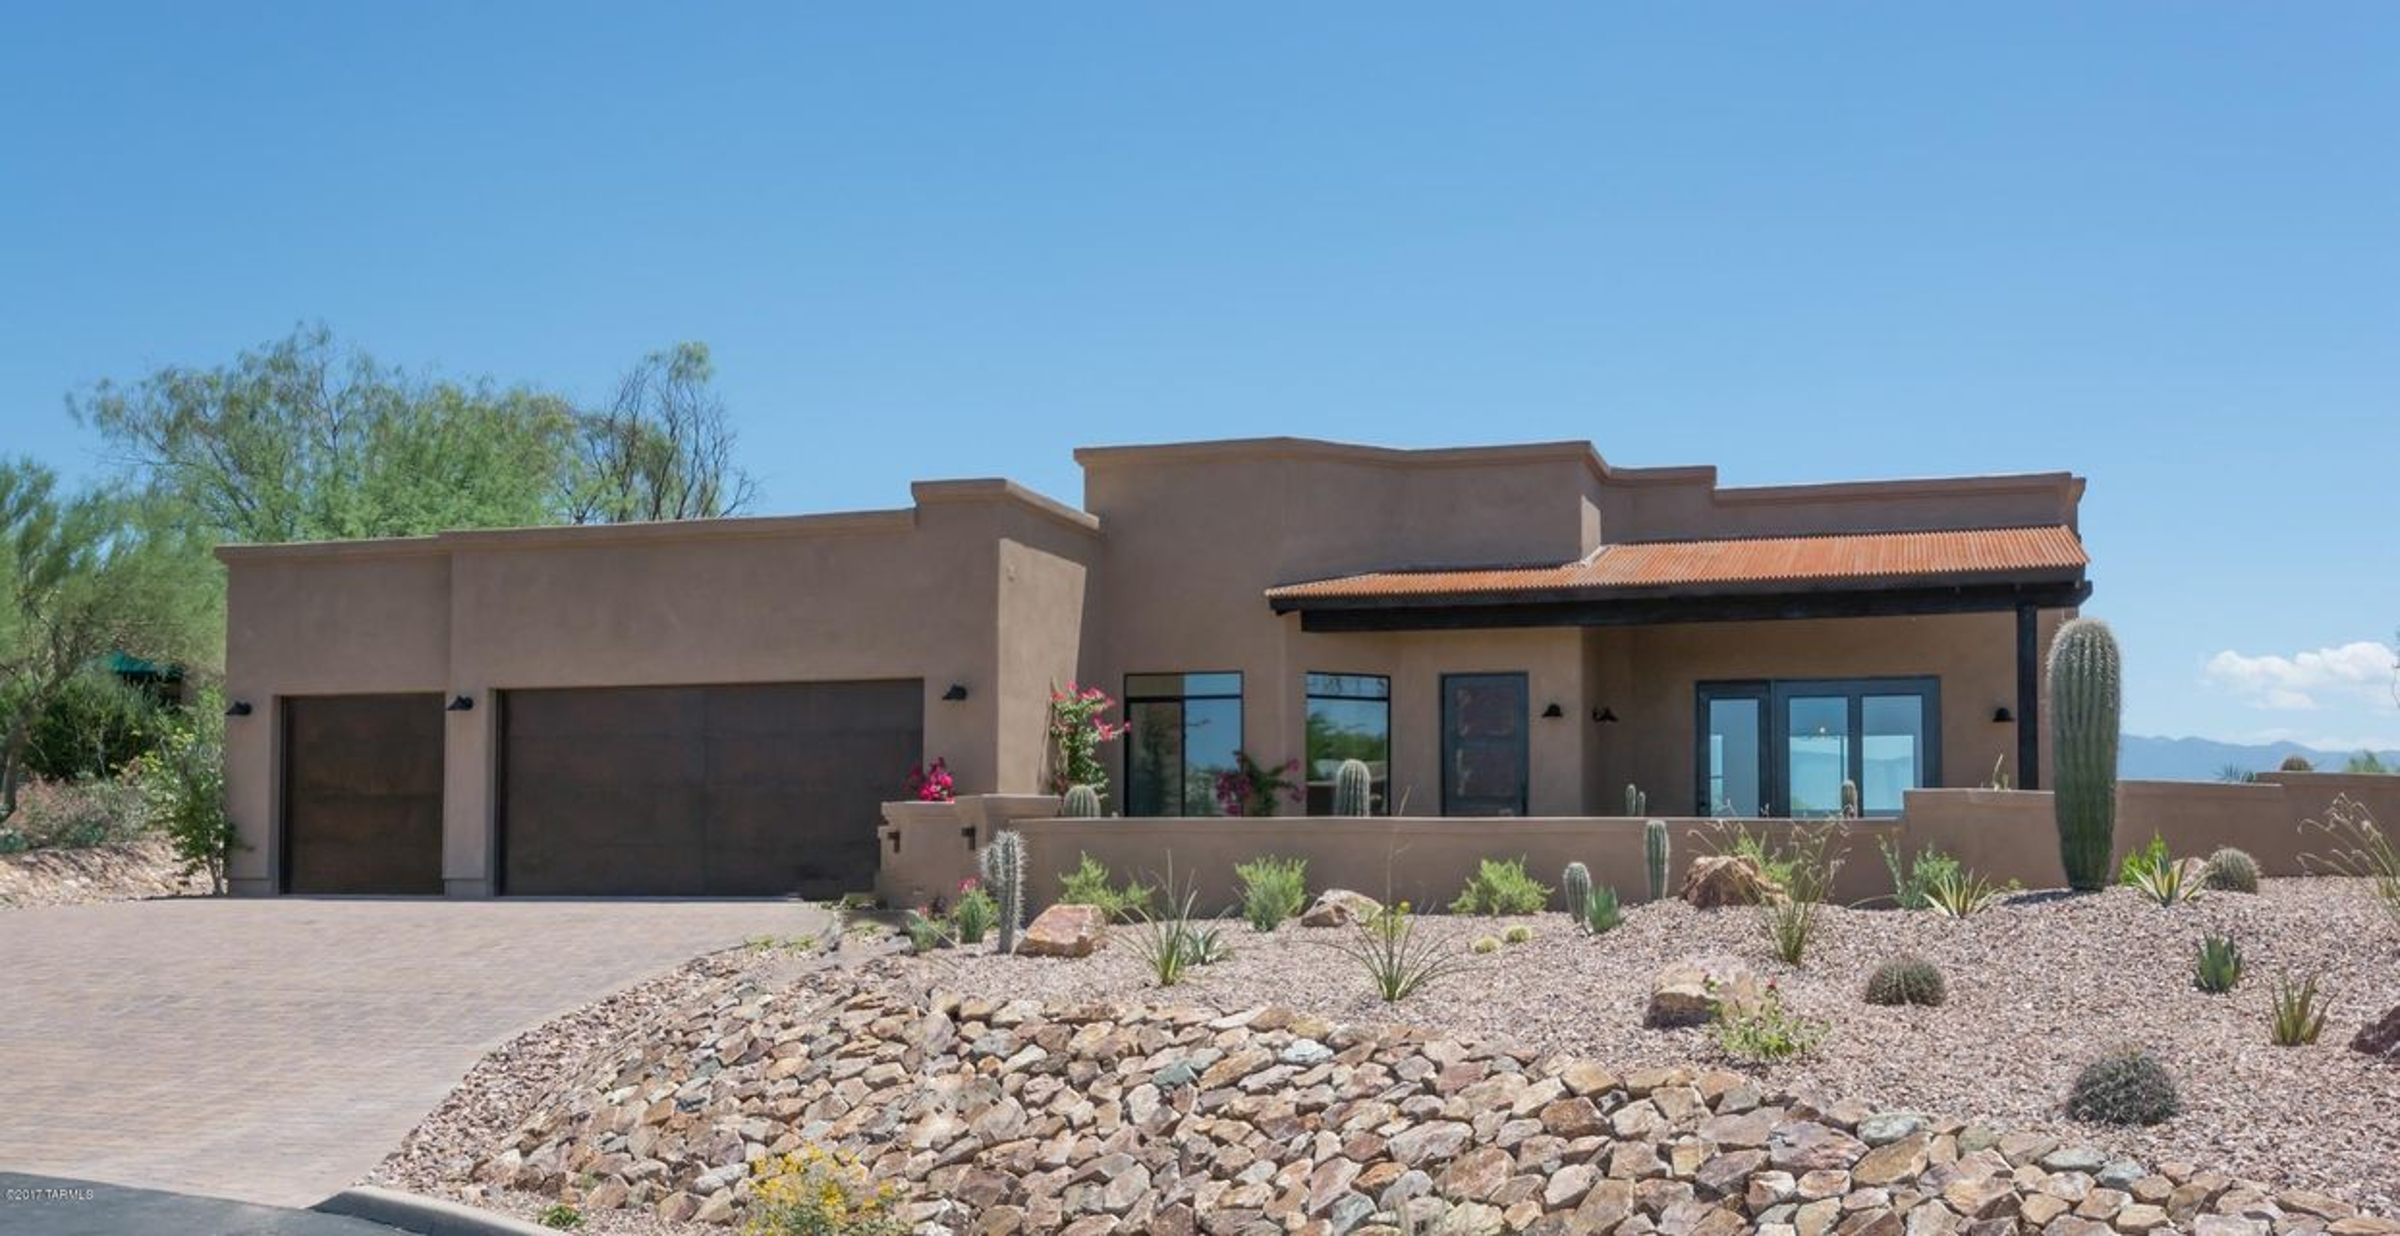 6033 E Country Club Vista Drive, Tucson, AZ 85750